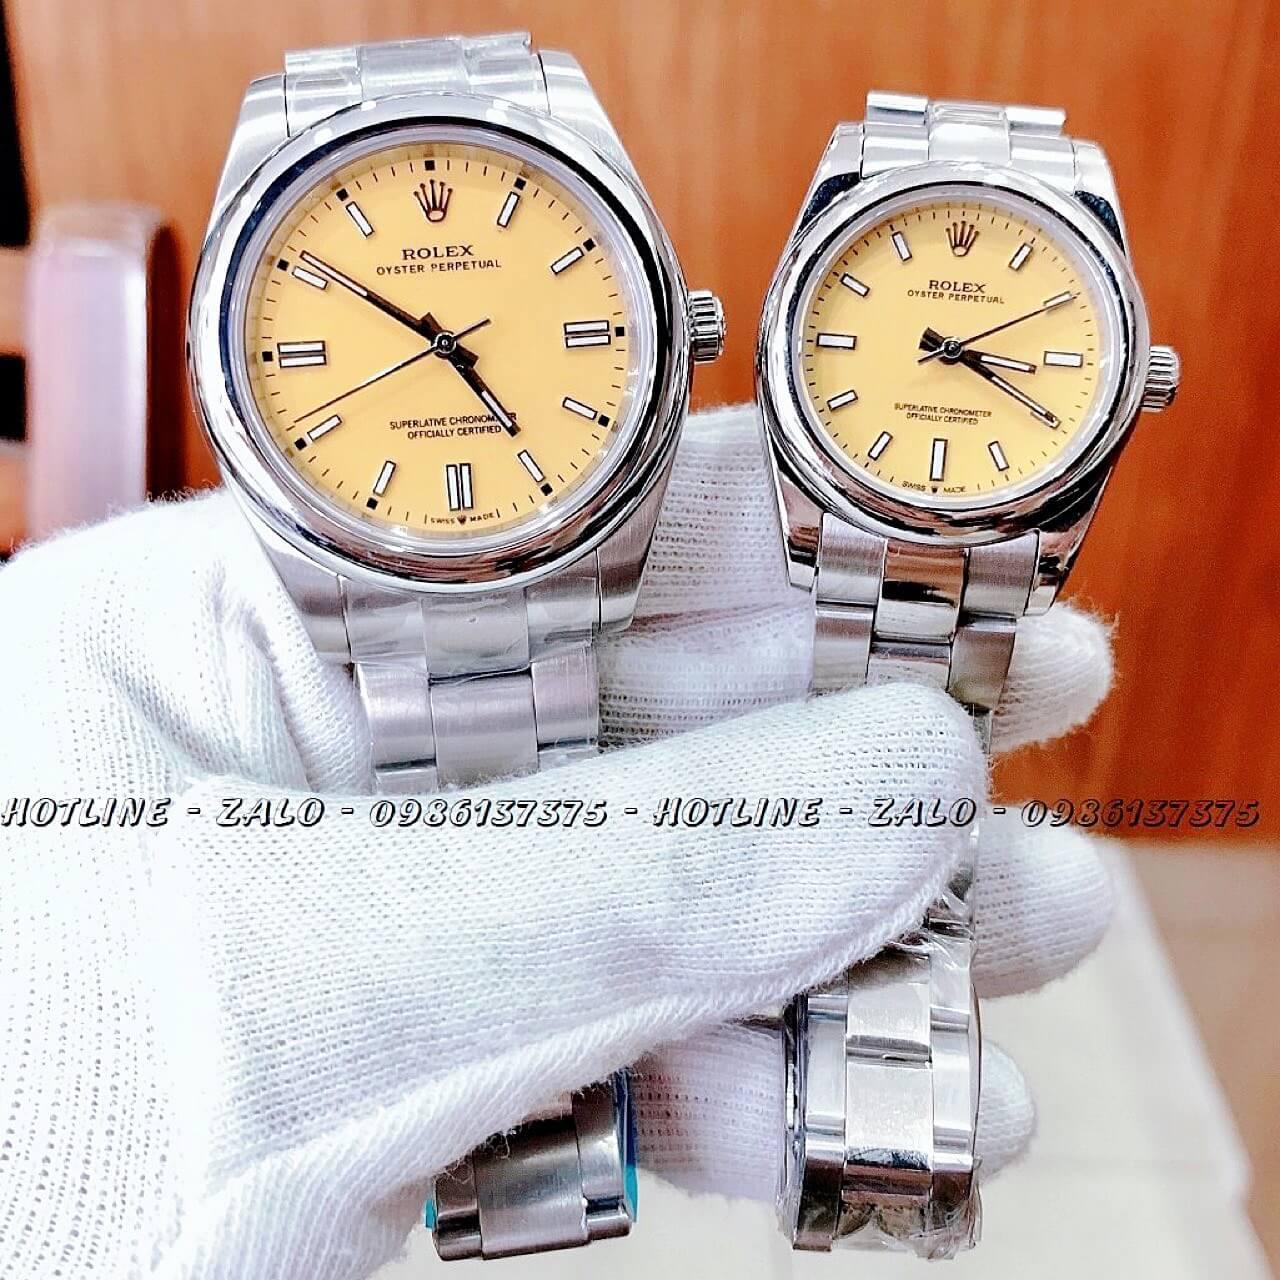 Đồng Hồ Rolex Automatic Cặp Đôi Siêu Cấp Bạc Mặt Vàng Chanh 40mm - 30mm